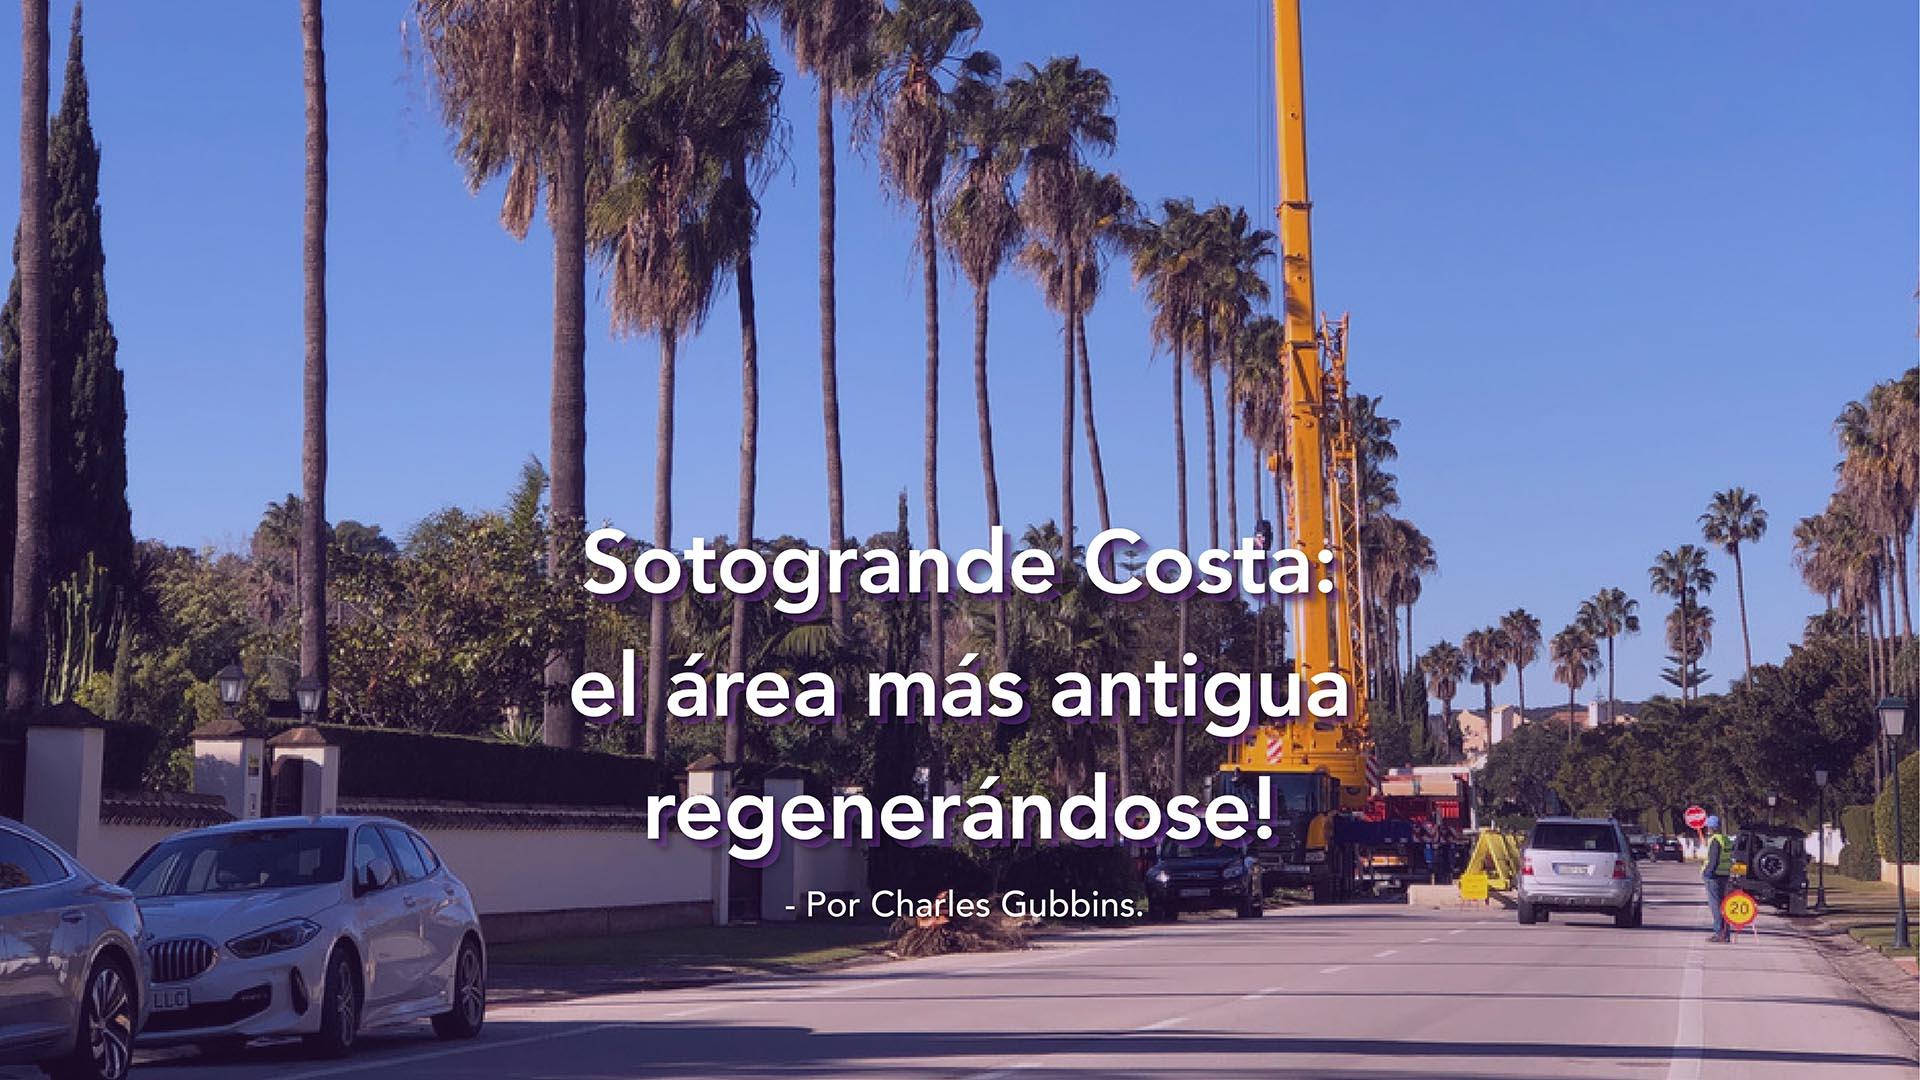 Sotogrande Costa… el barrio más antiguo regenerándose!